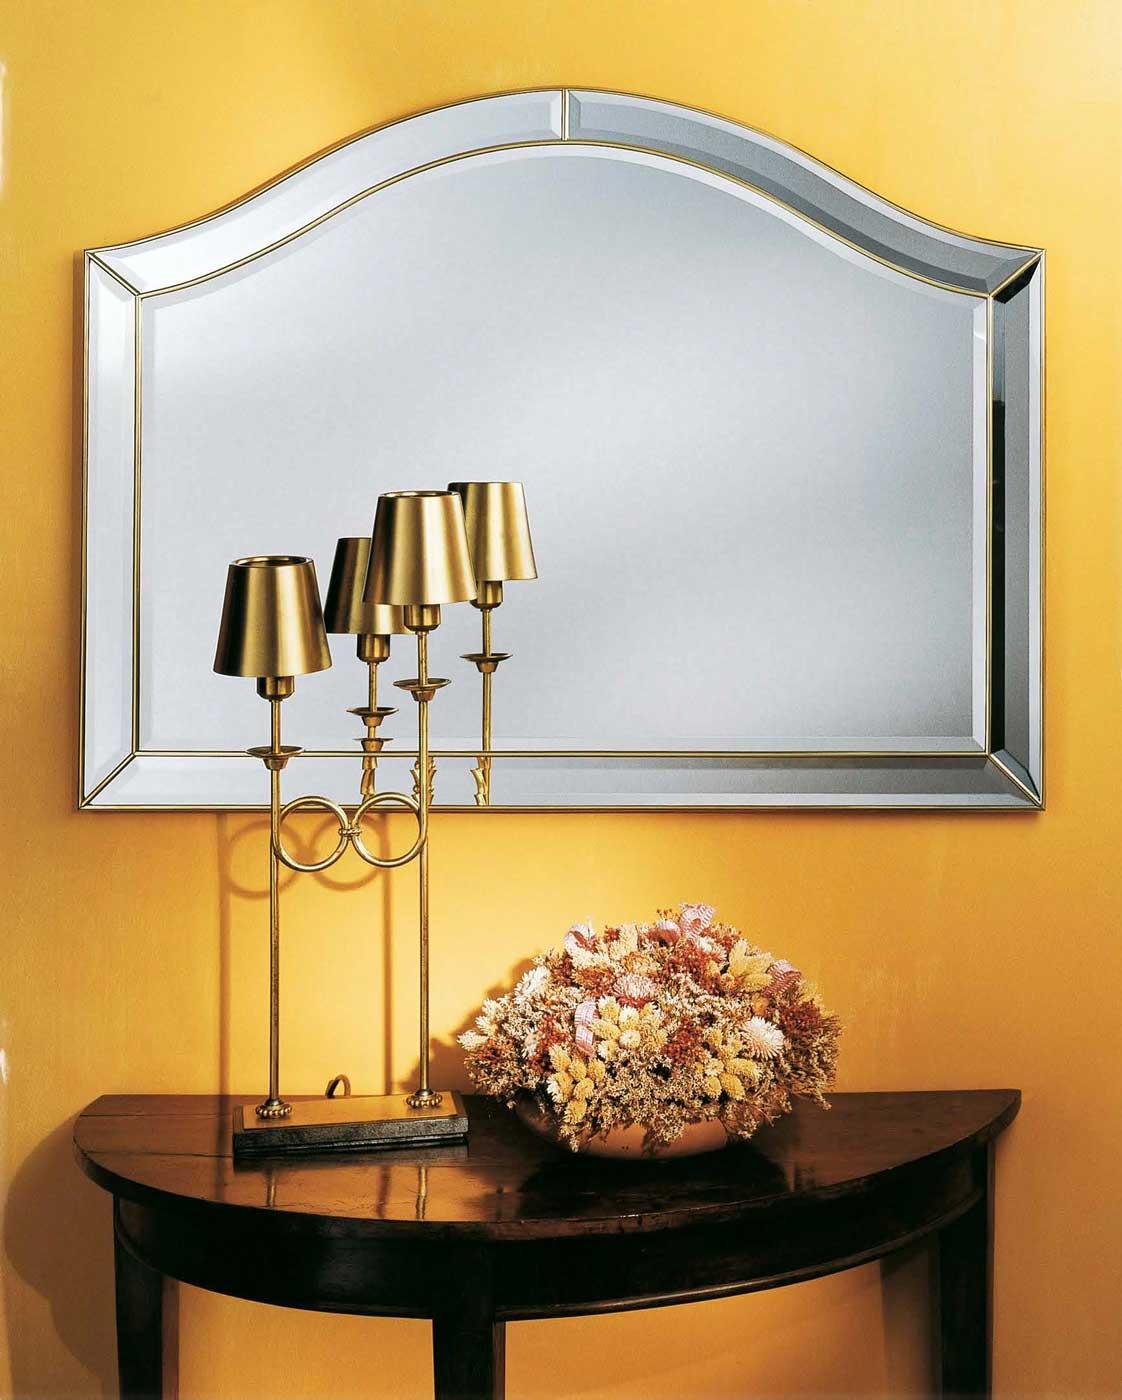 Transparents et miroirs meubles sur mesure hifigeny for Salon miroir paris 14